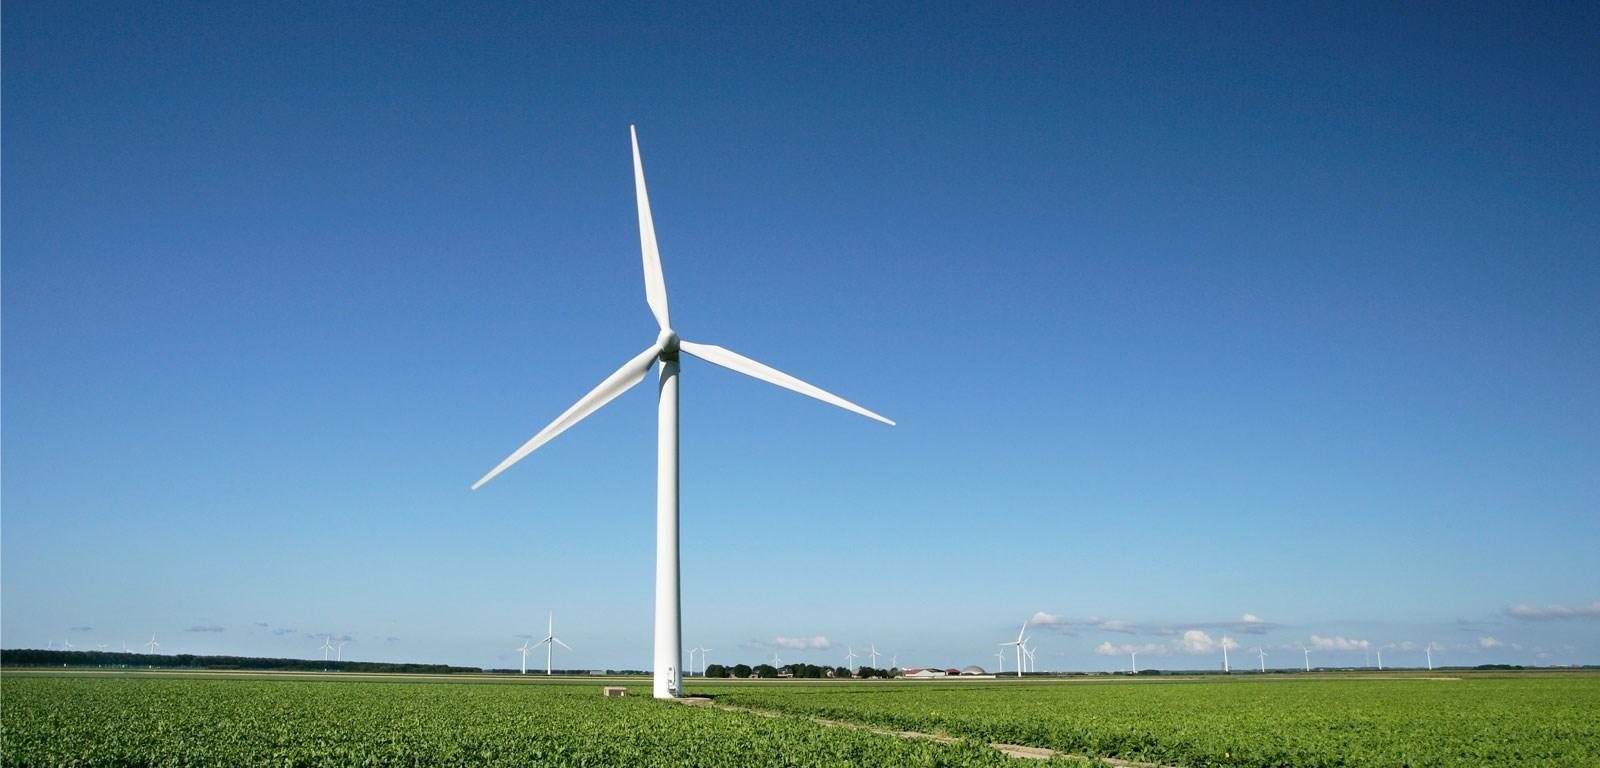 Netbeheerders steunen oproep van kabinet voor betaalbaarheid en kosteneffectiviteit energietransitie